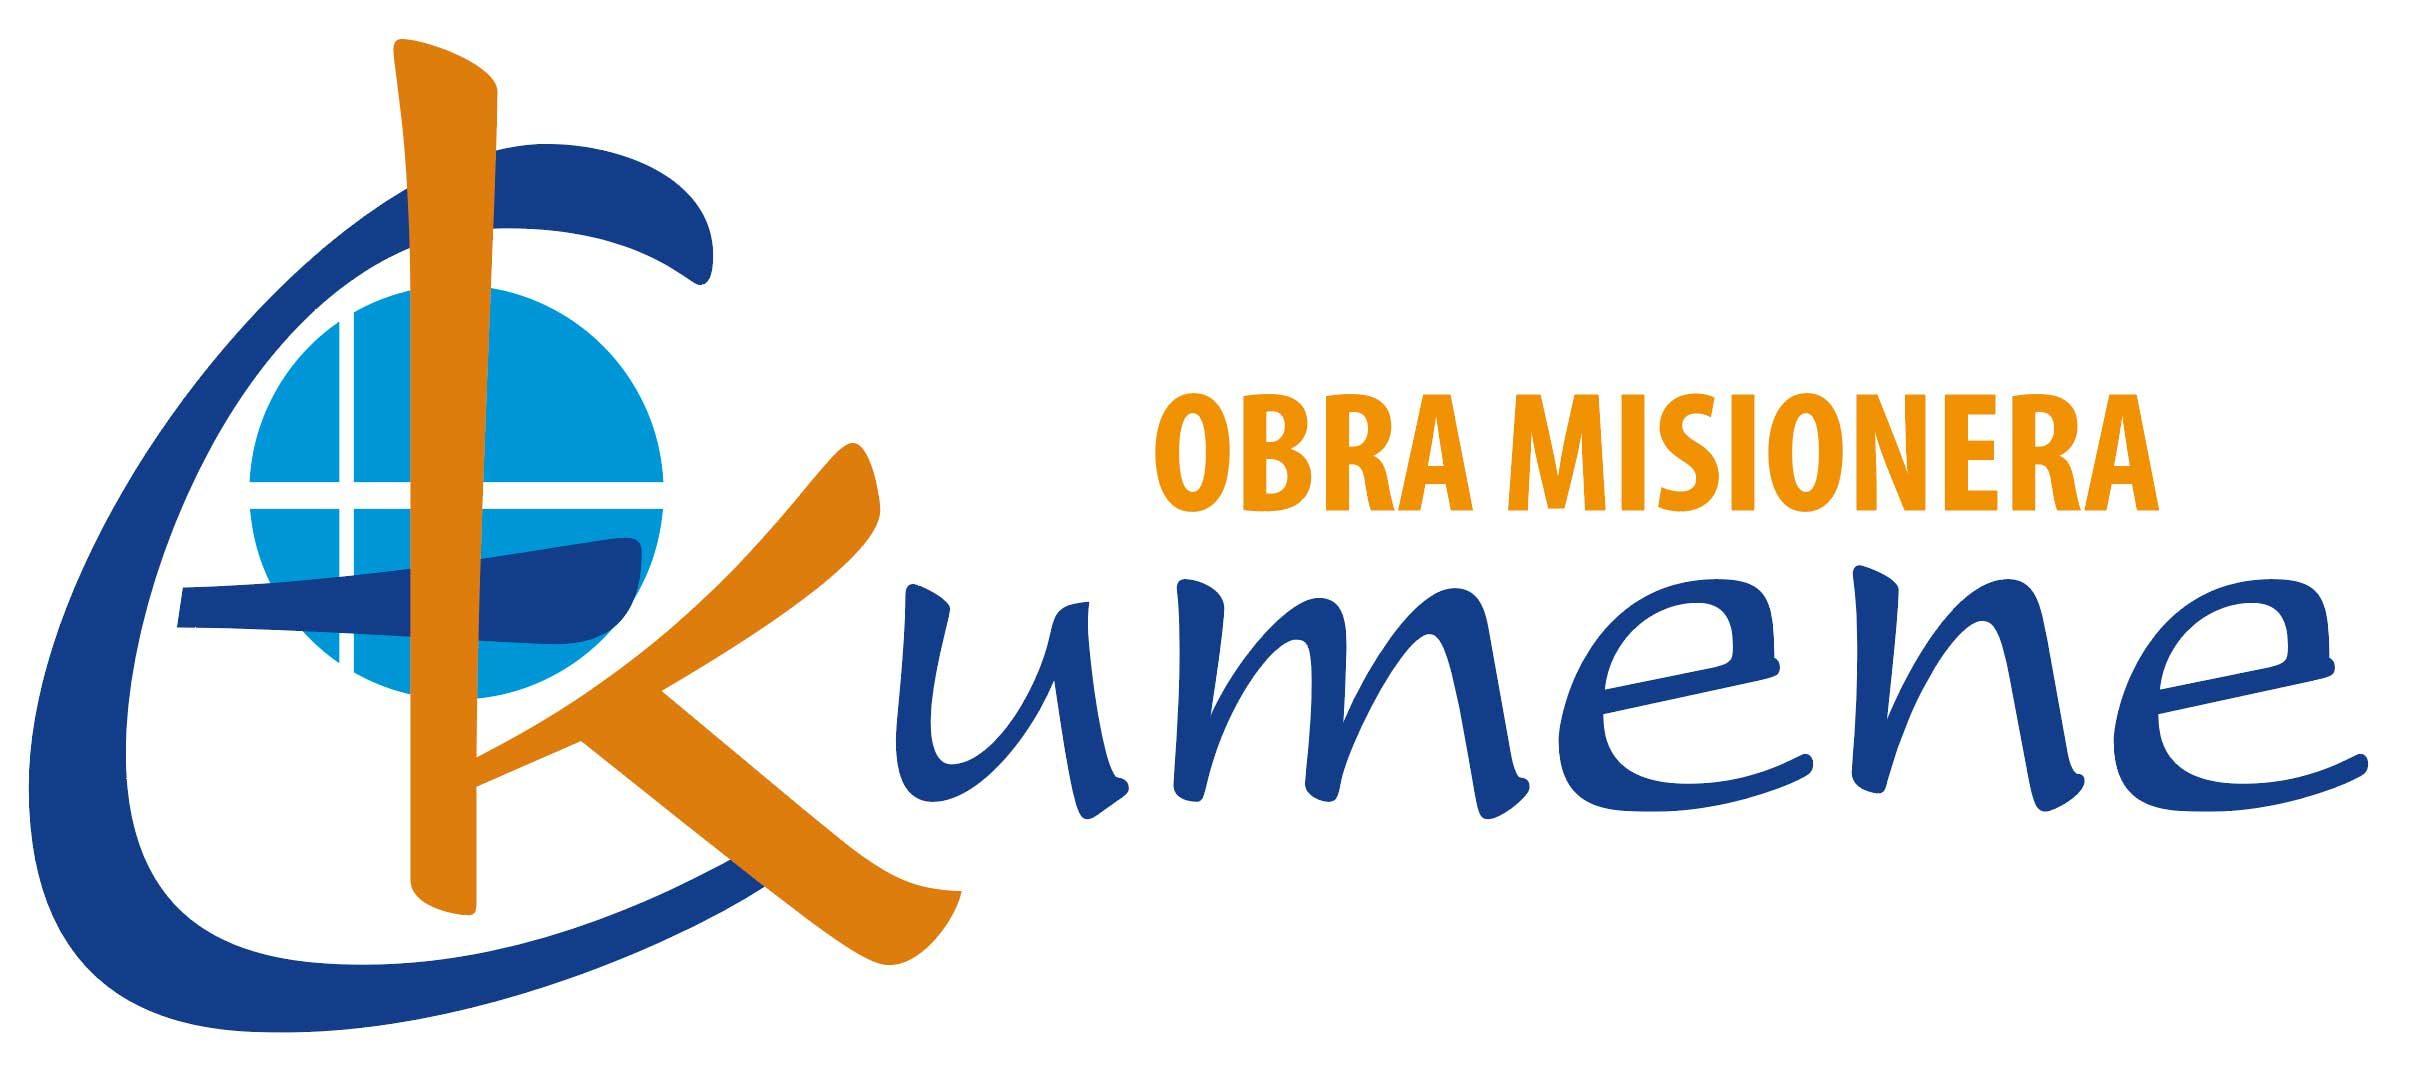 ekumene – obra misionera